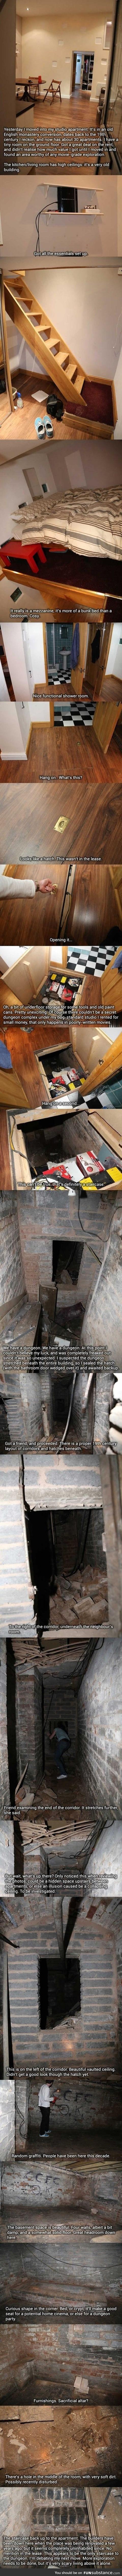 A hidden dungeon in an apartment